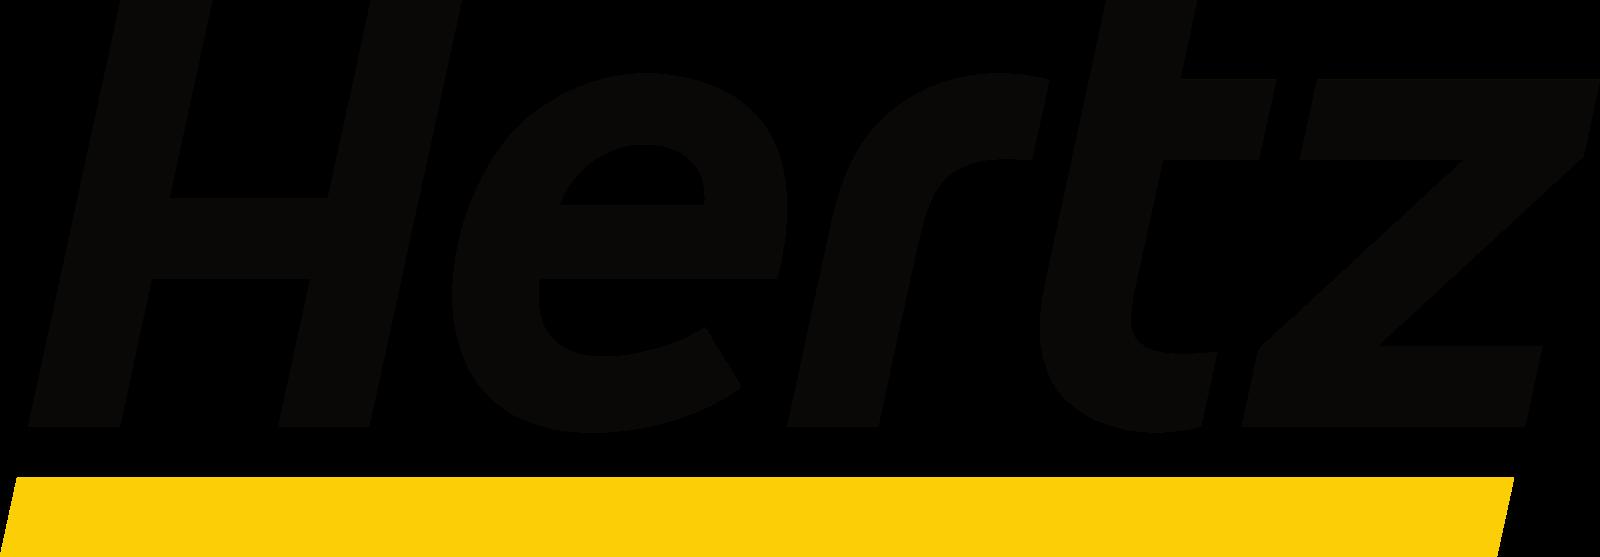 hertz logo 2 - Hertz Logo